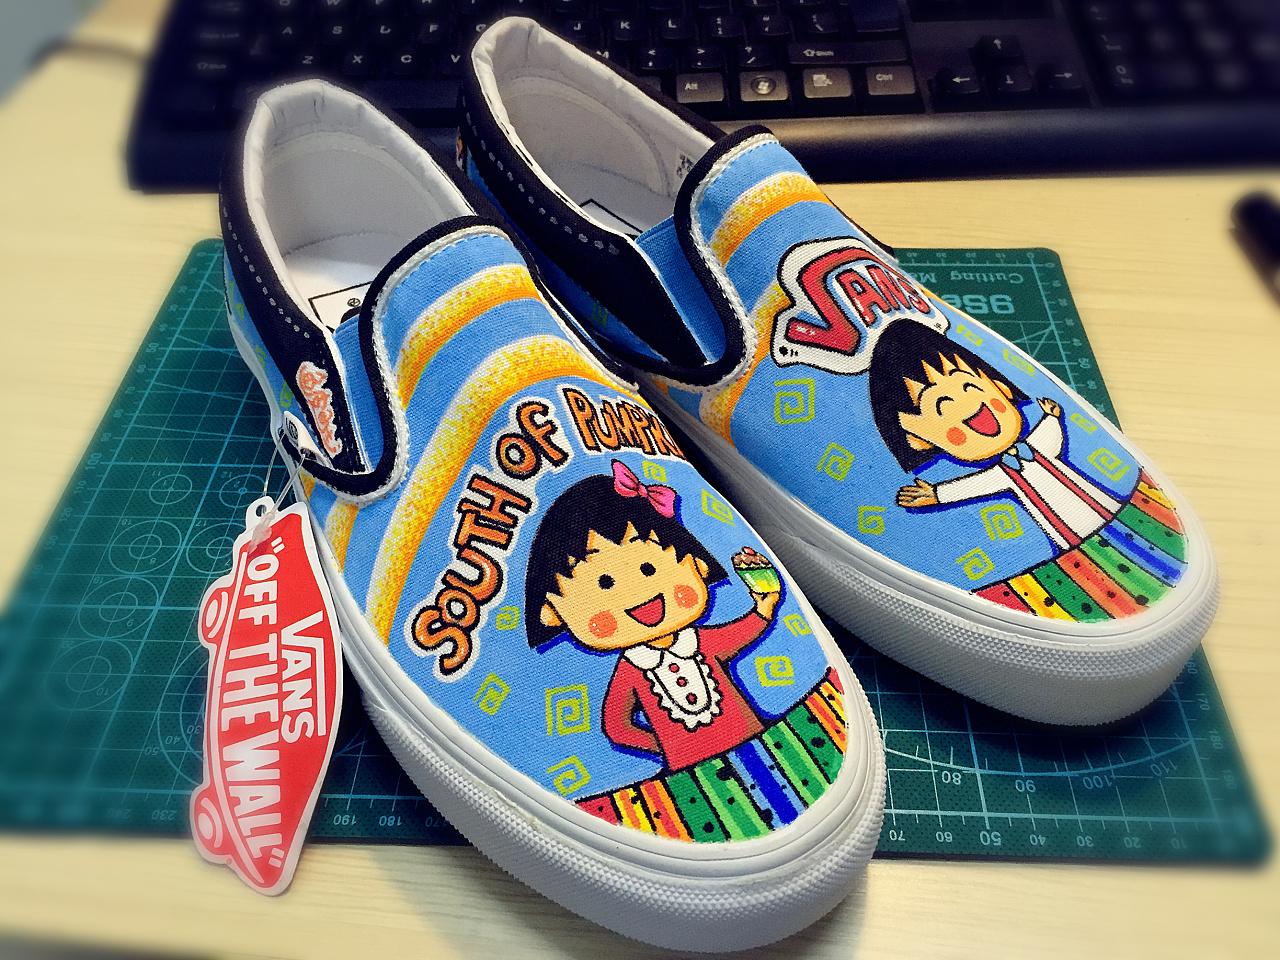 vans定制手绘鞋——樱桃小丸子系列!